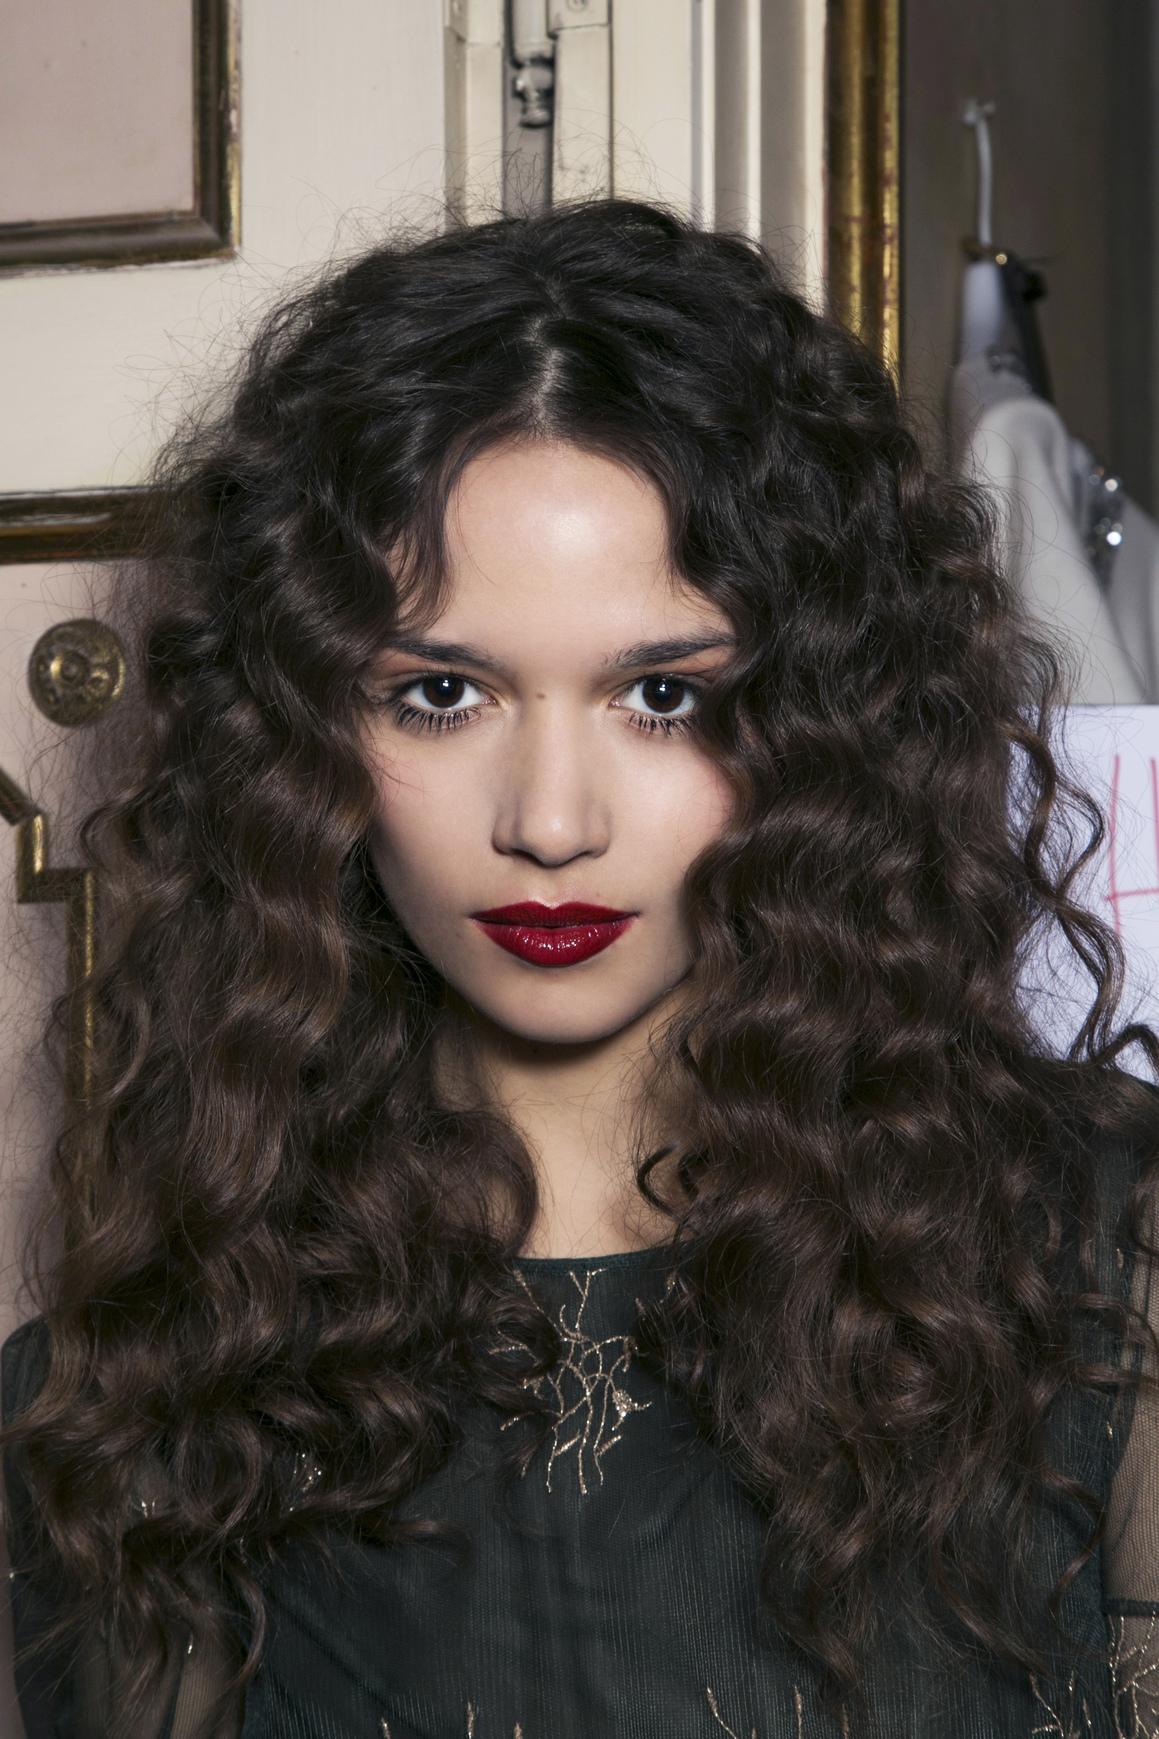 Ciemne włosy świetnie wyglądają z ciemnoczerwoną szminką